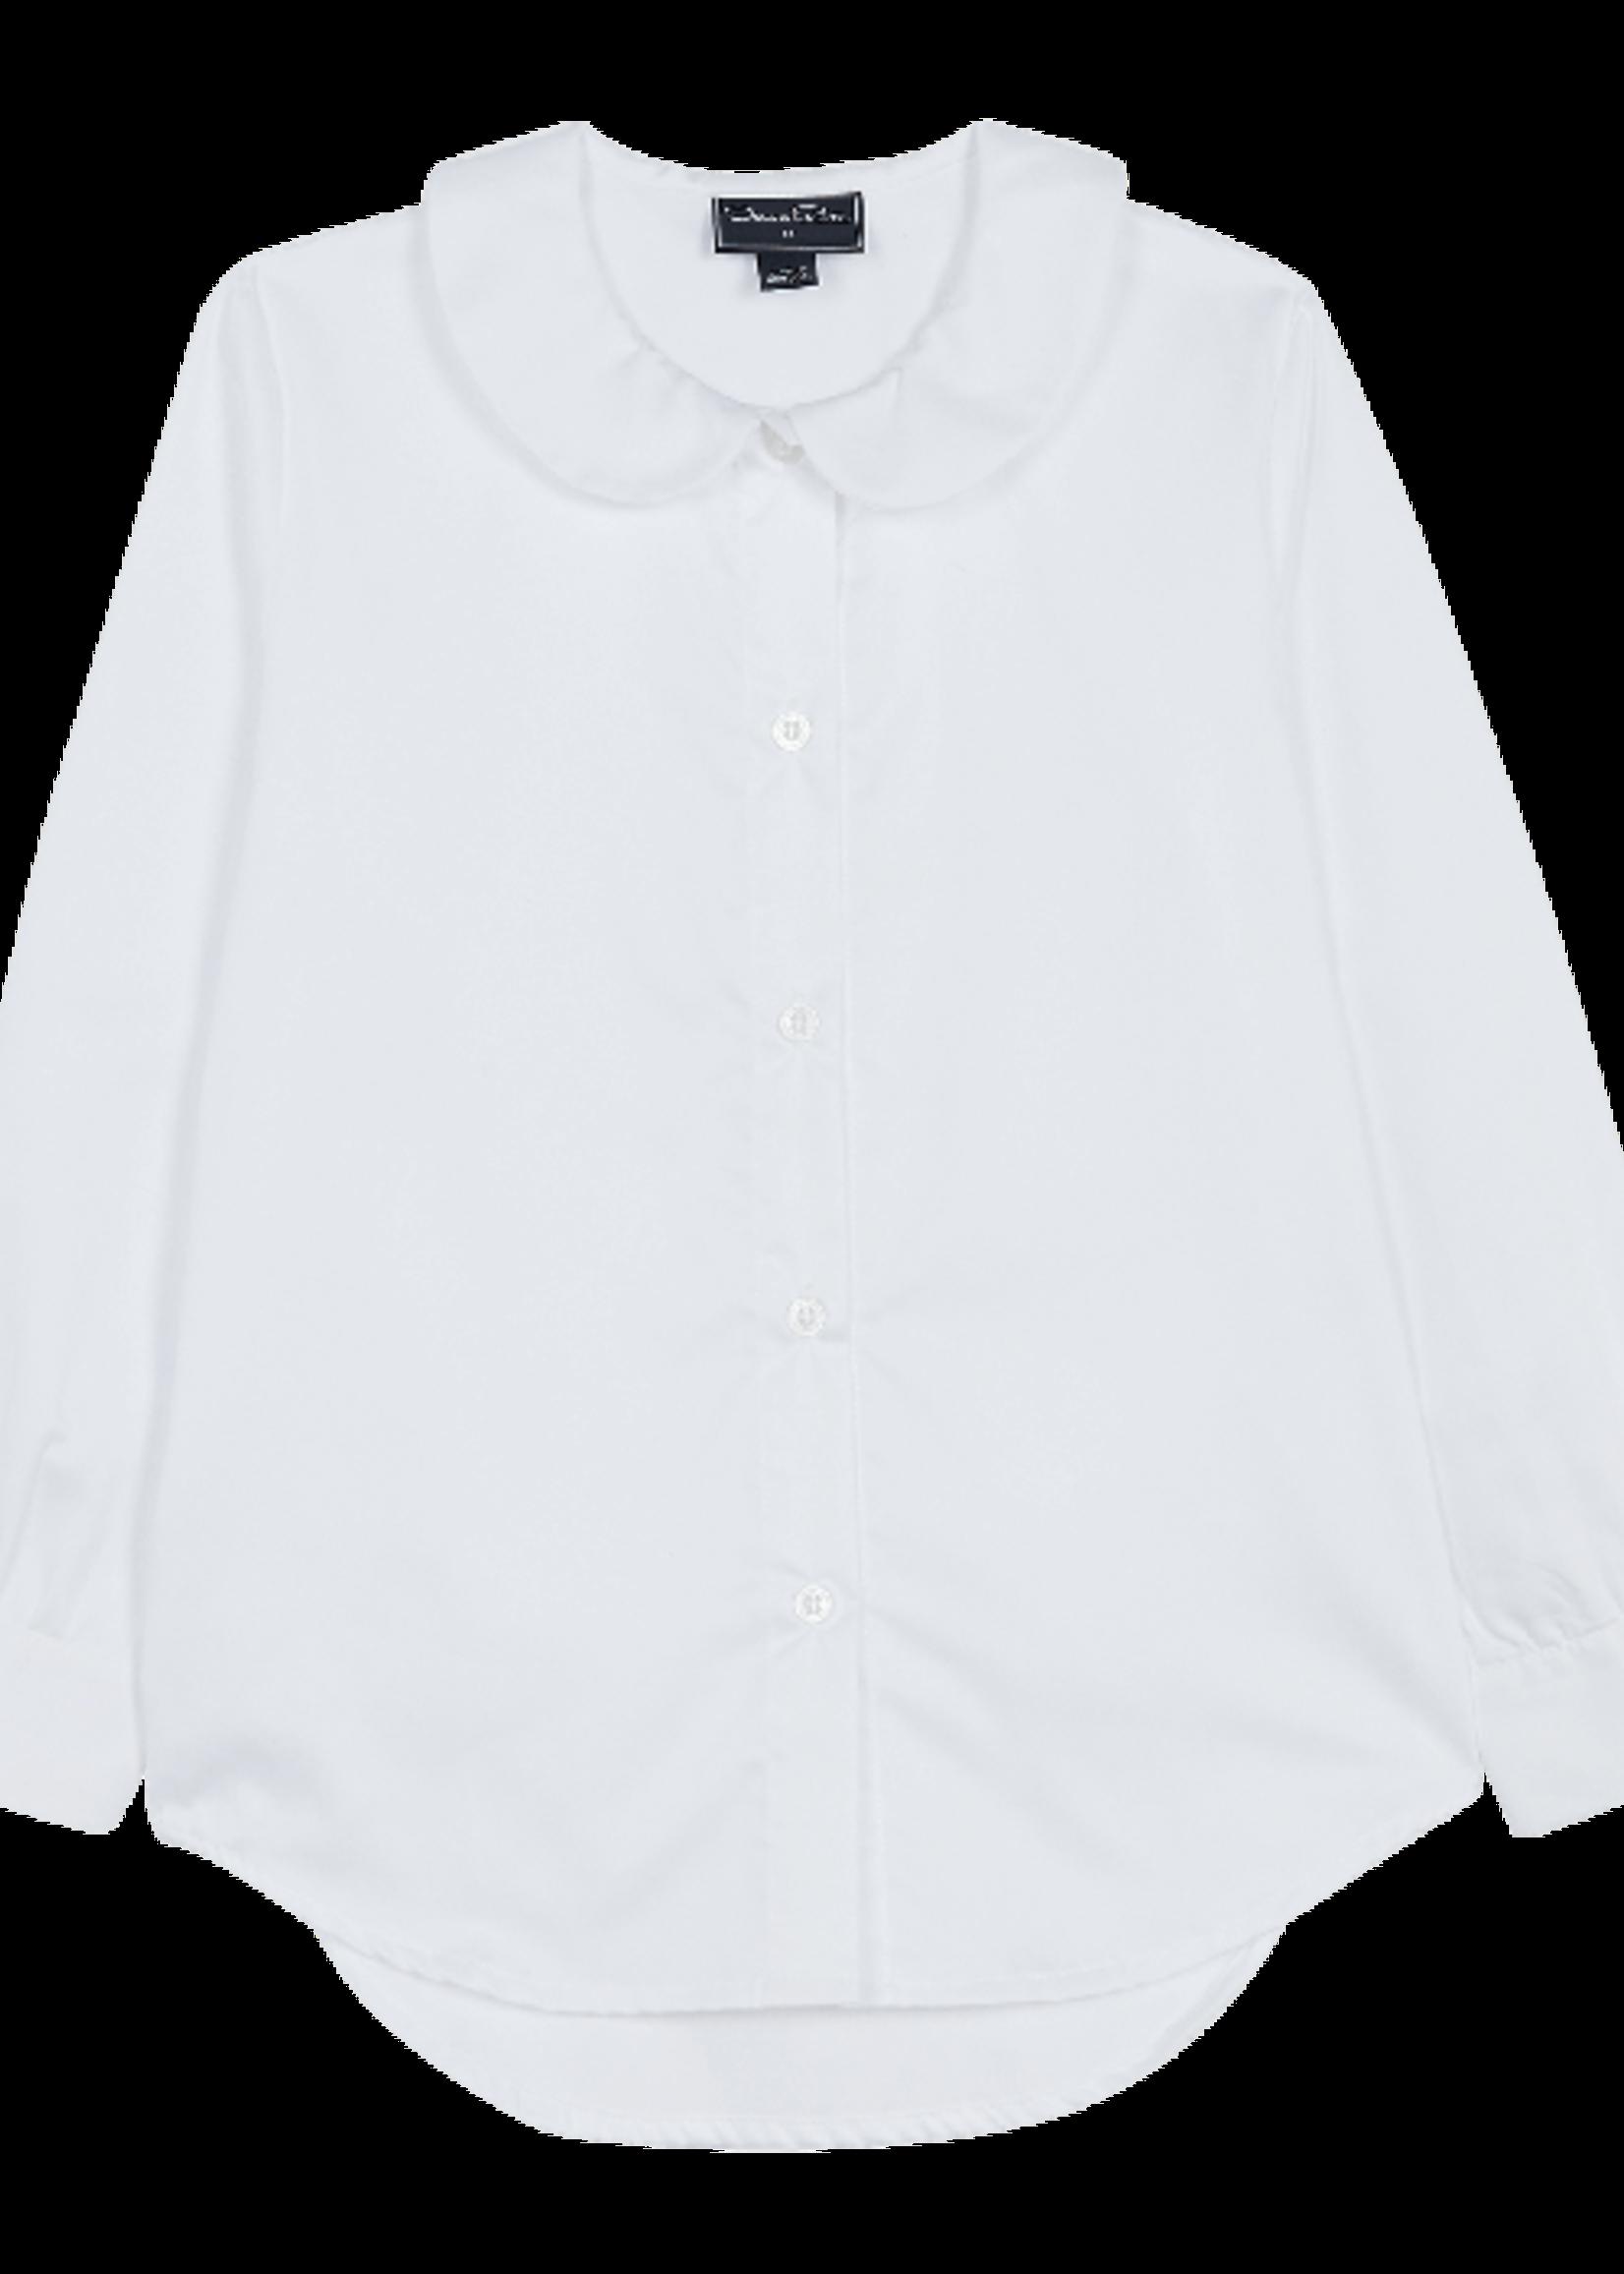 Oscar de la Renta Oscar de le Renta Girls blouse